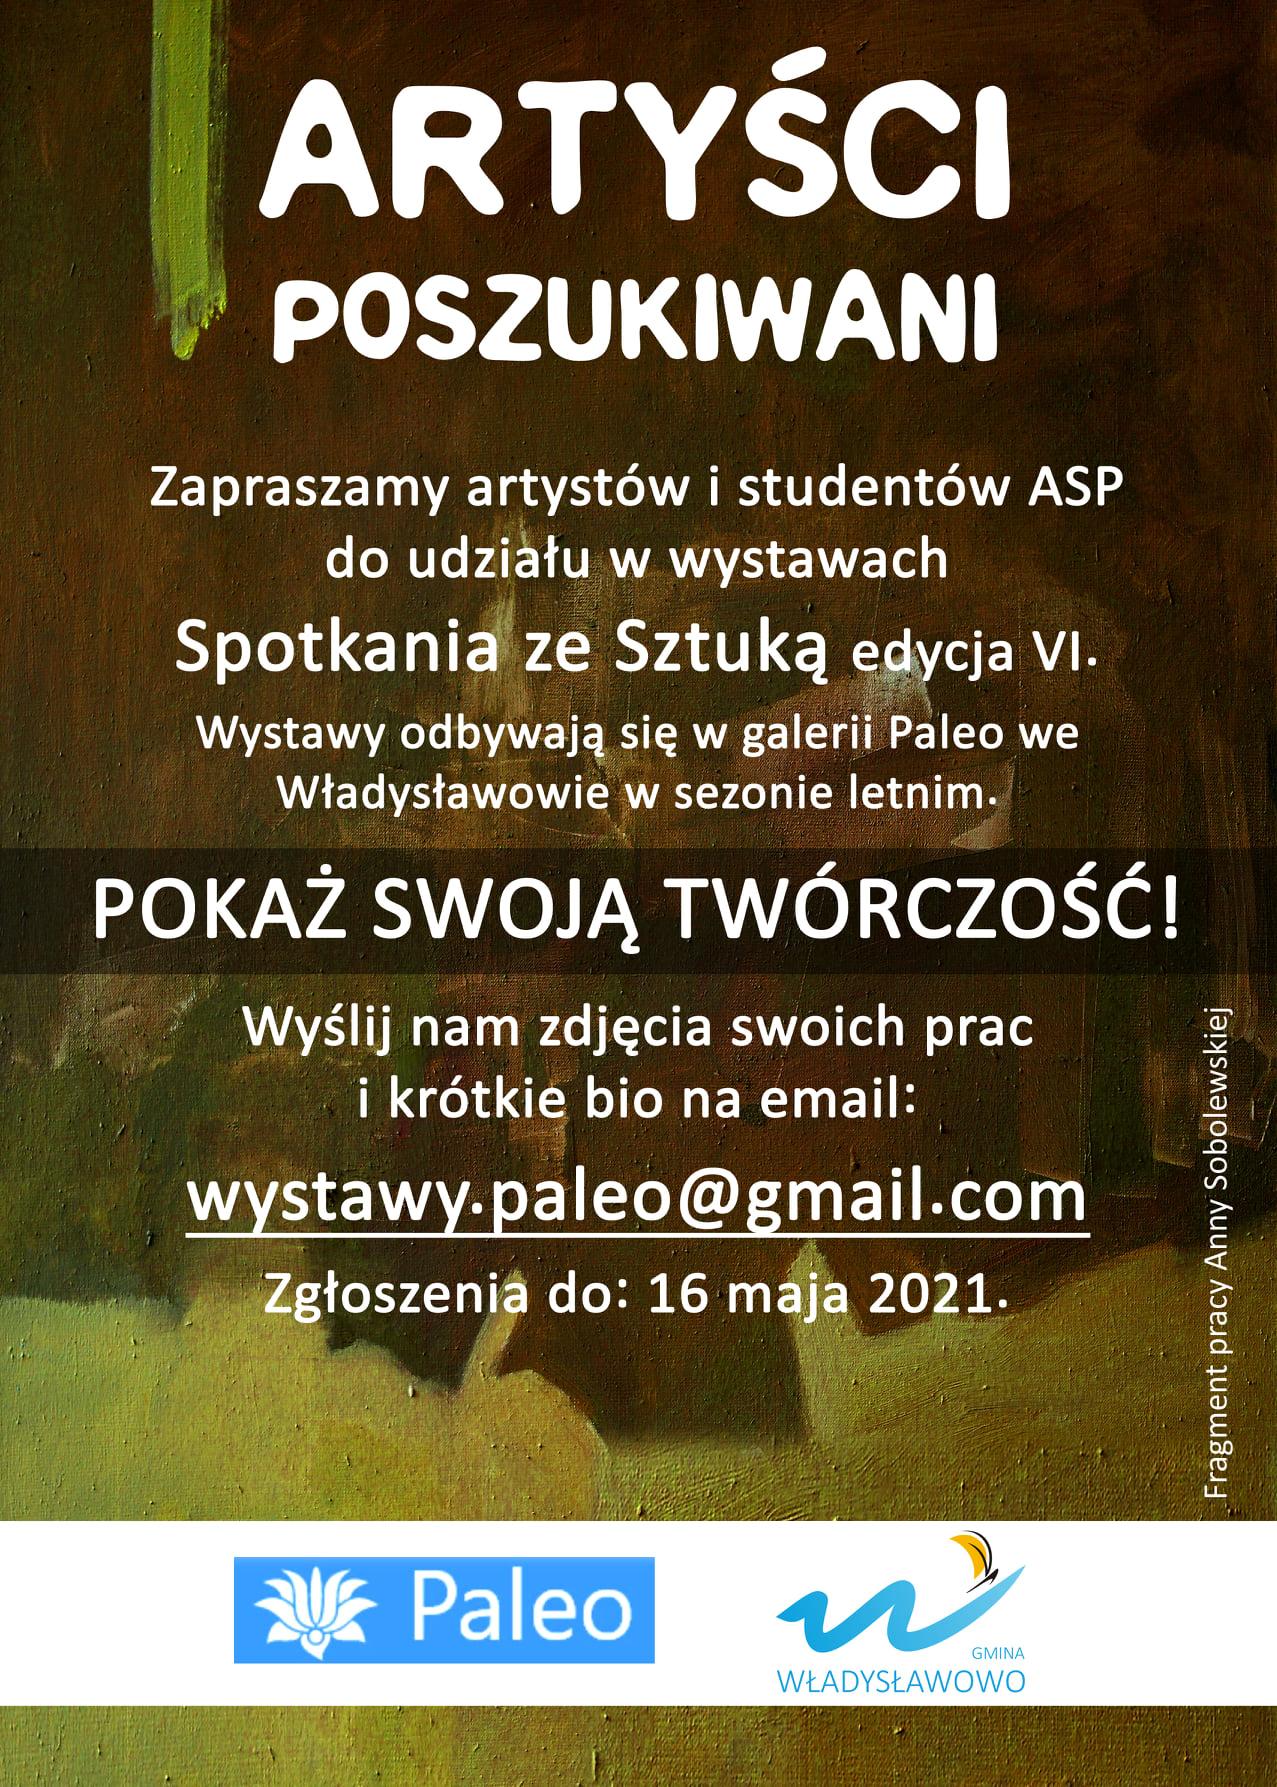 Spotkania Ze Sztuką Władysławowo